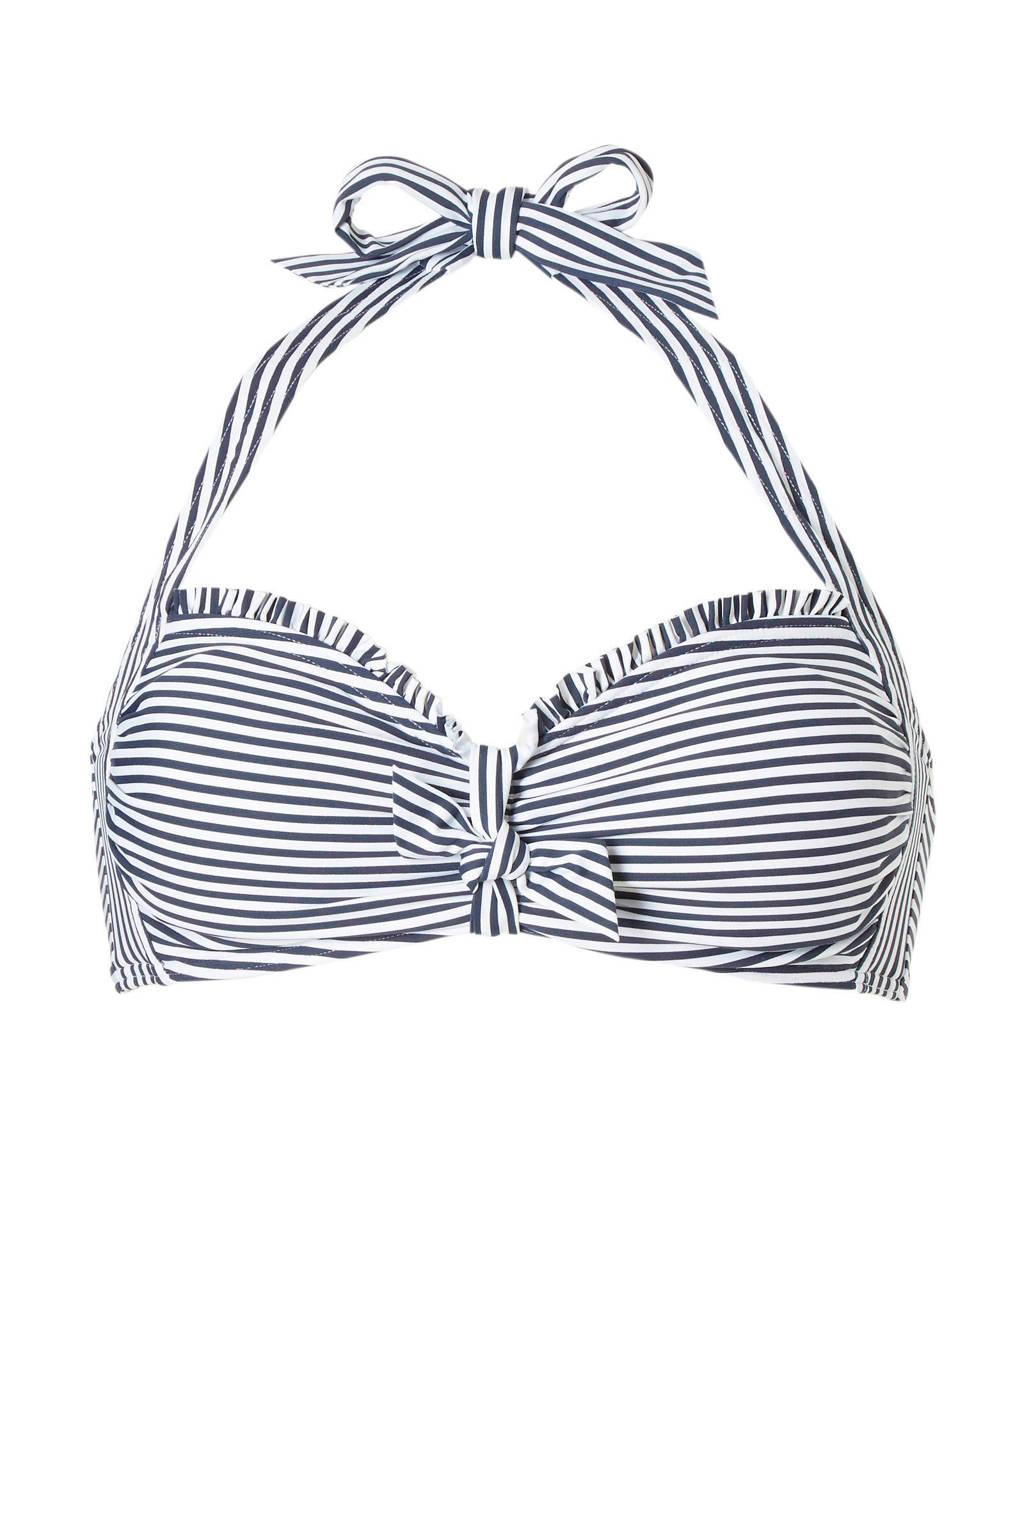 ESPRIT Women Beach gestreepte halter bikinitop marine, Marine/wit